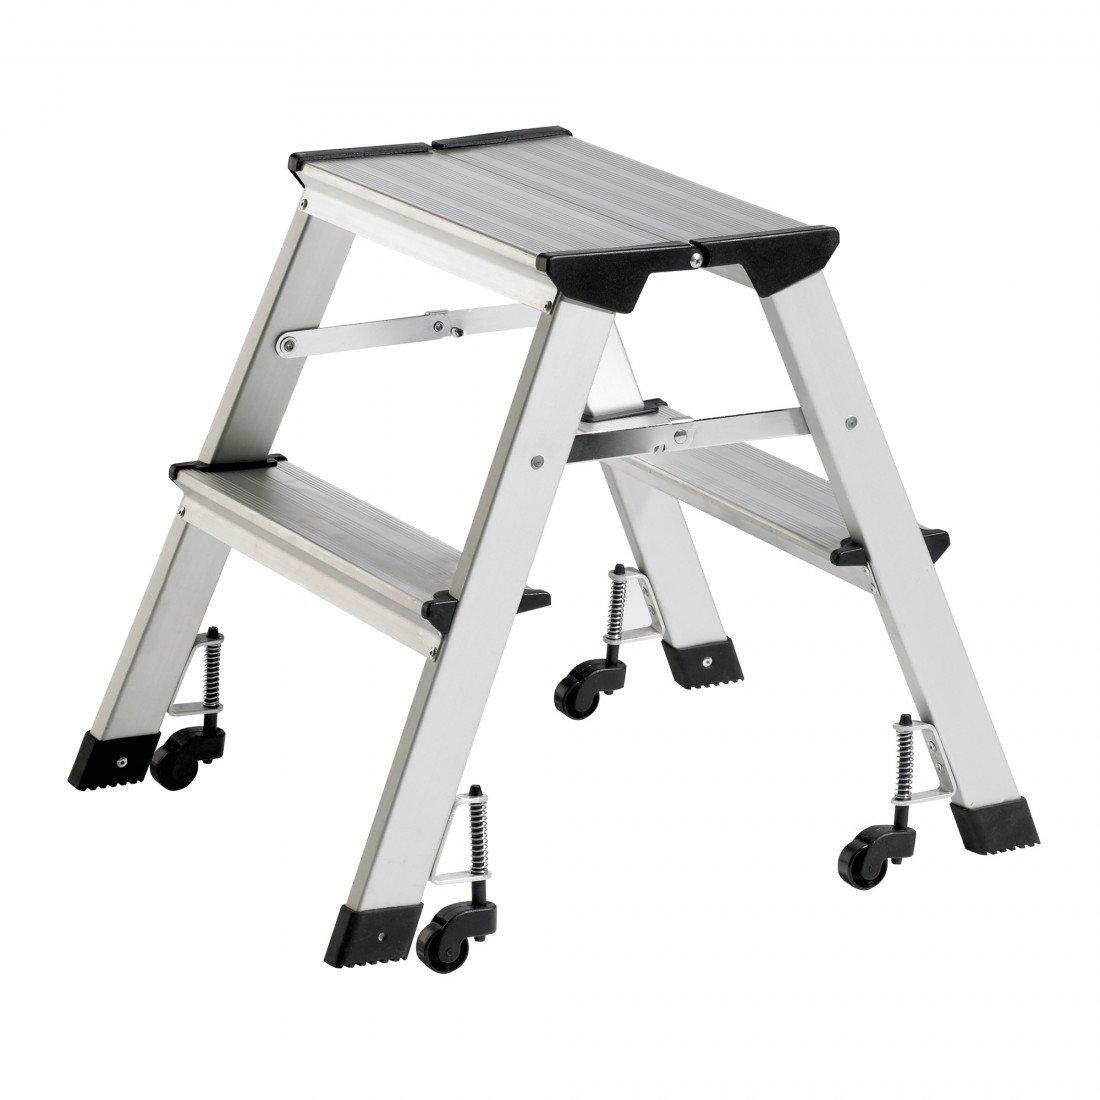 Alu Rolltrittleiter DR-Büro 1510 - Breite Standfuß 41 cm - Stufen und Plattform sind geriffelt - 2 stufig, mit Rollen - zusammenklappbar DR-Office